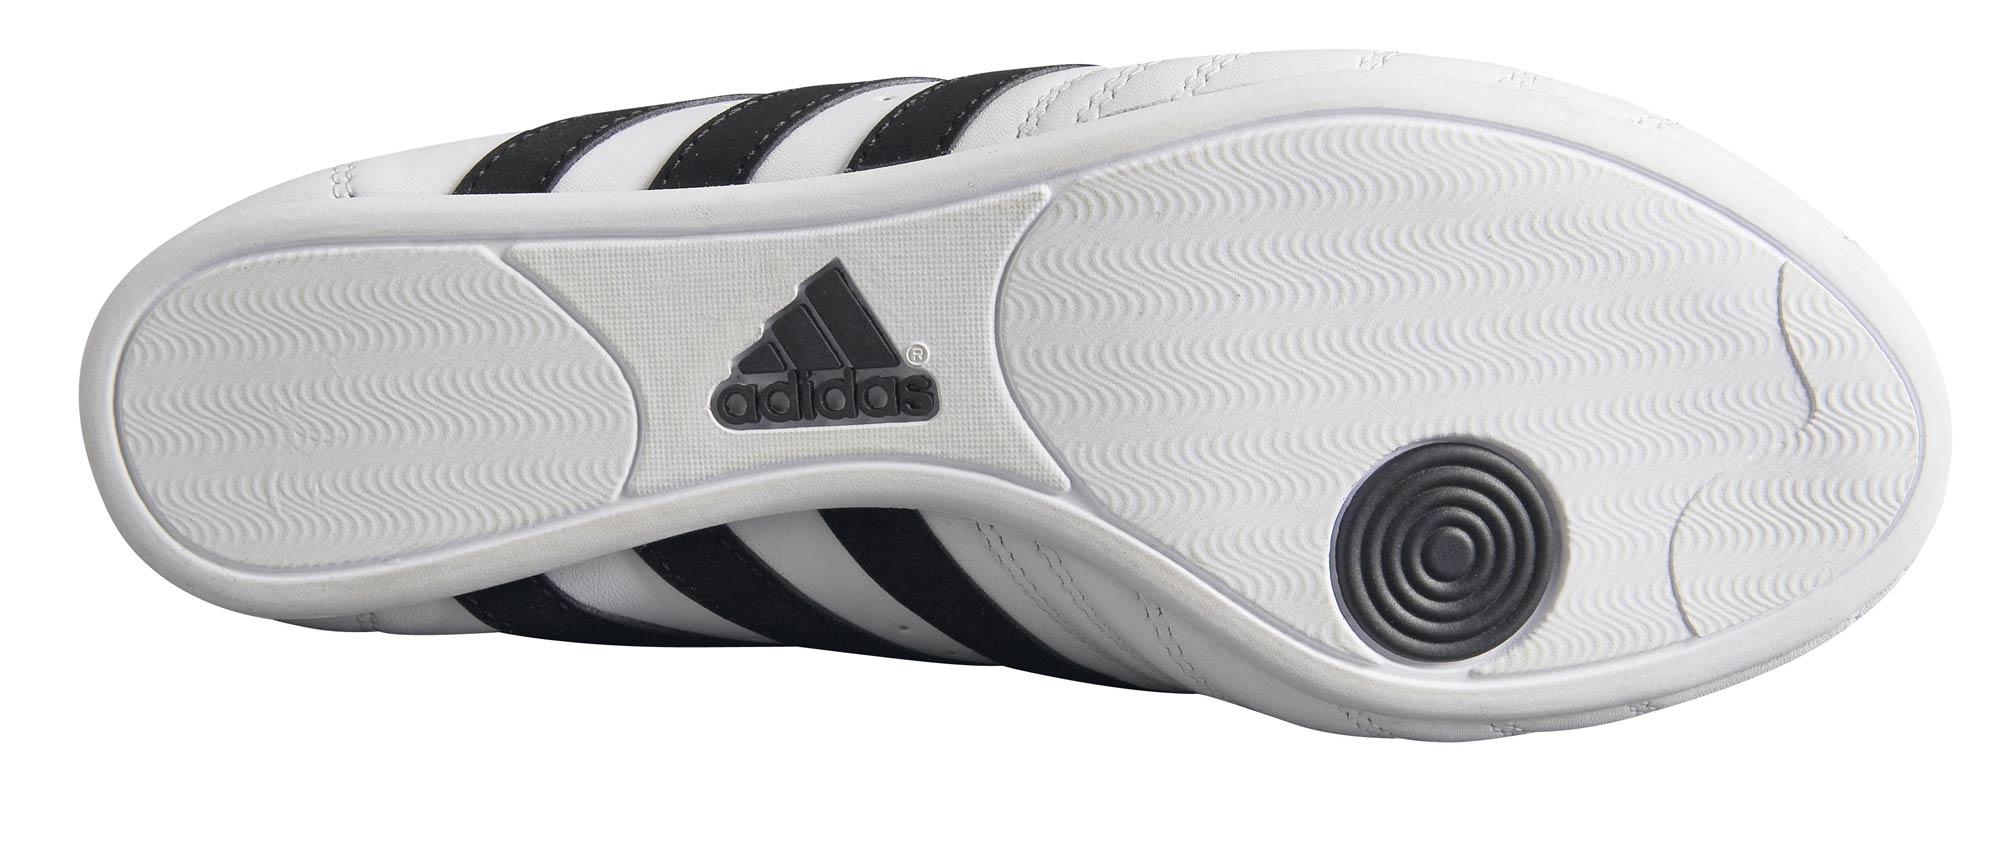 Rabatt adidas Kampfsport Schuhe SM II liefert adidas